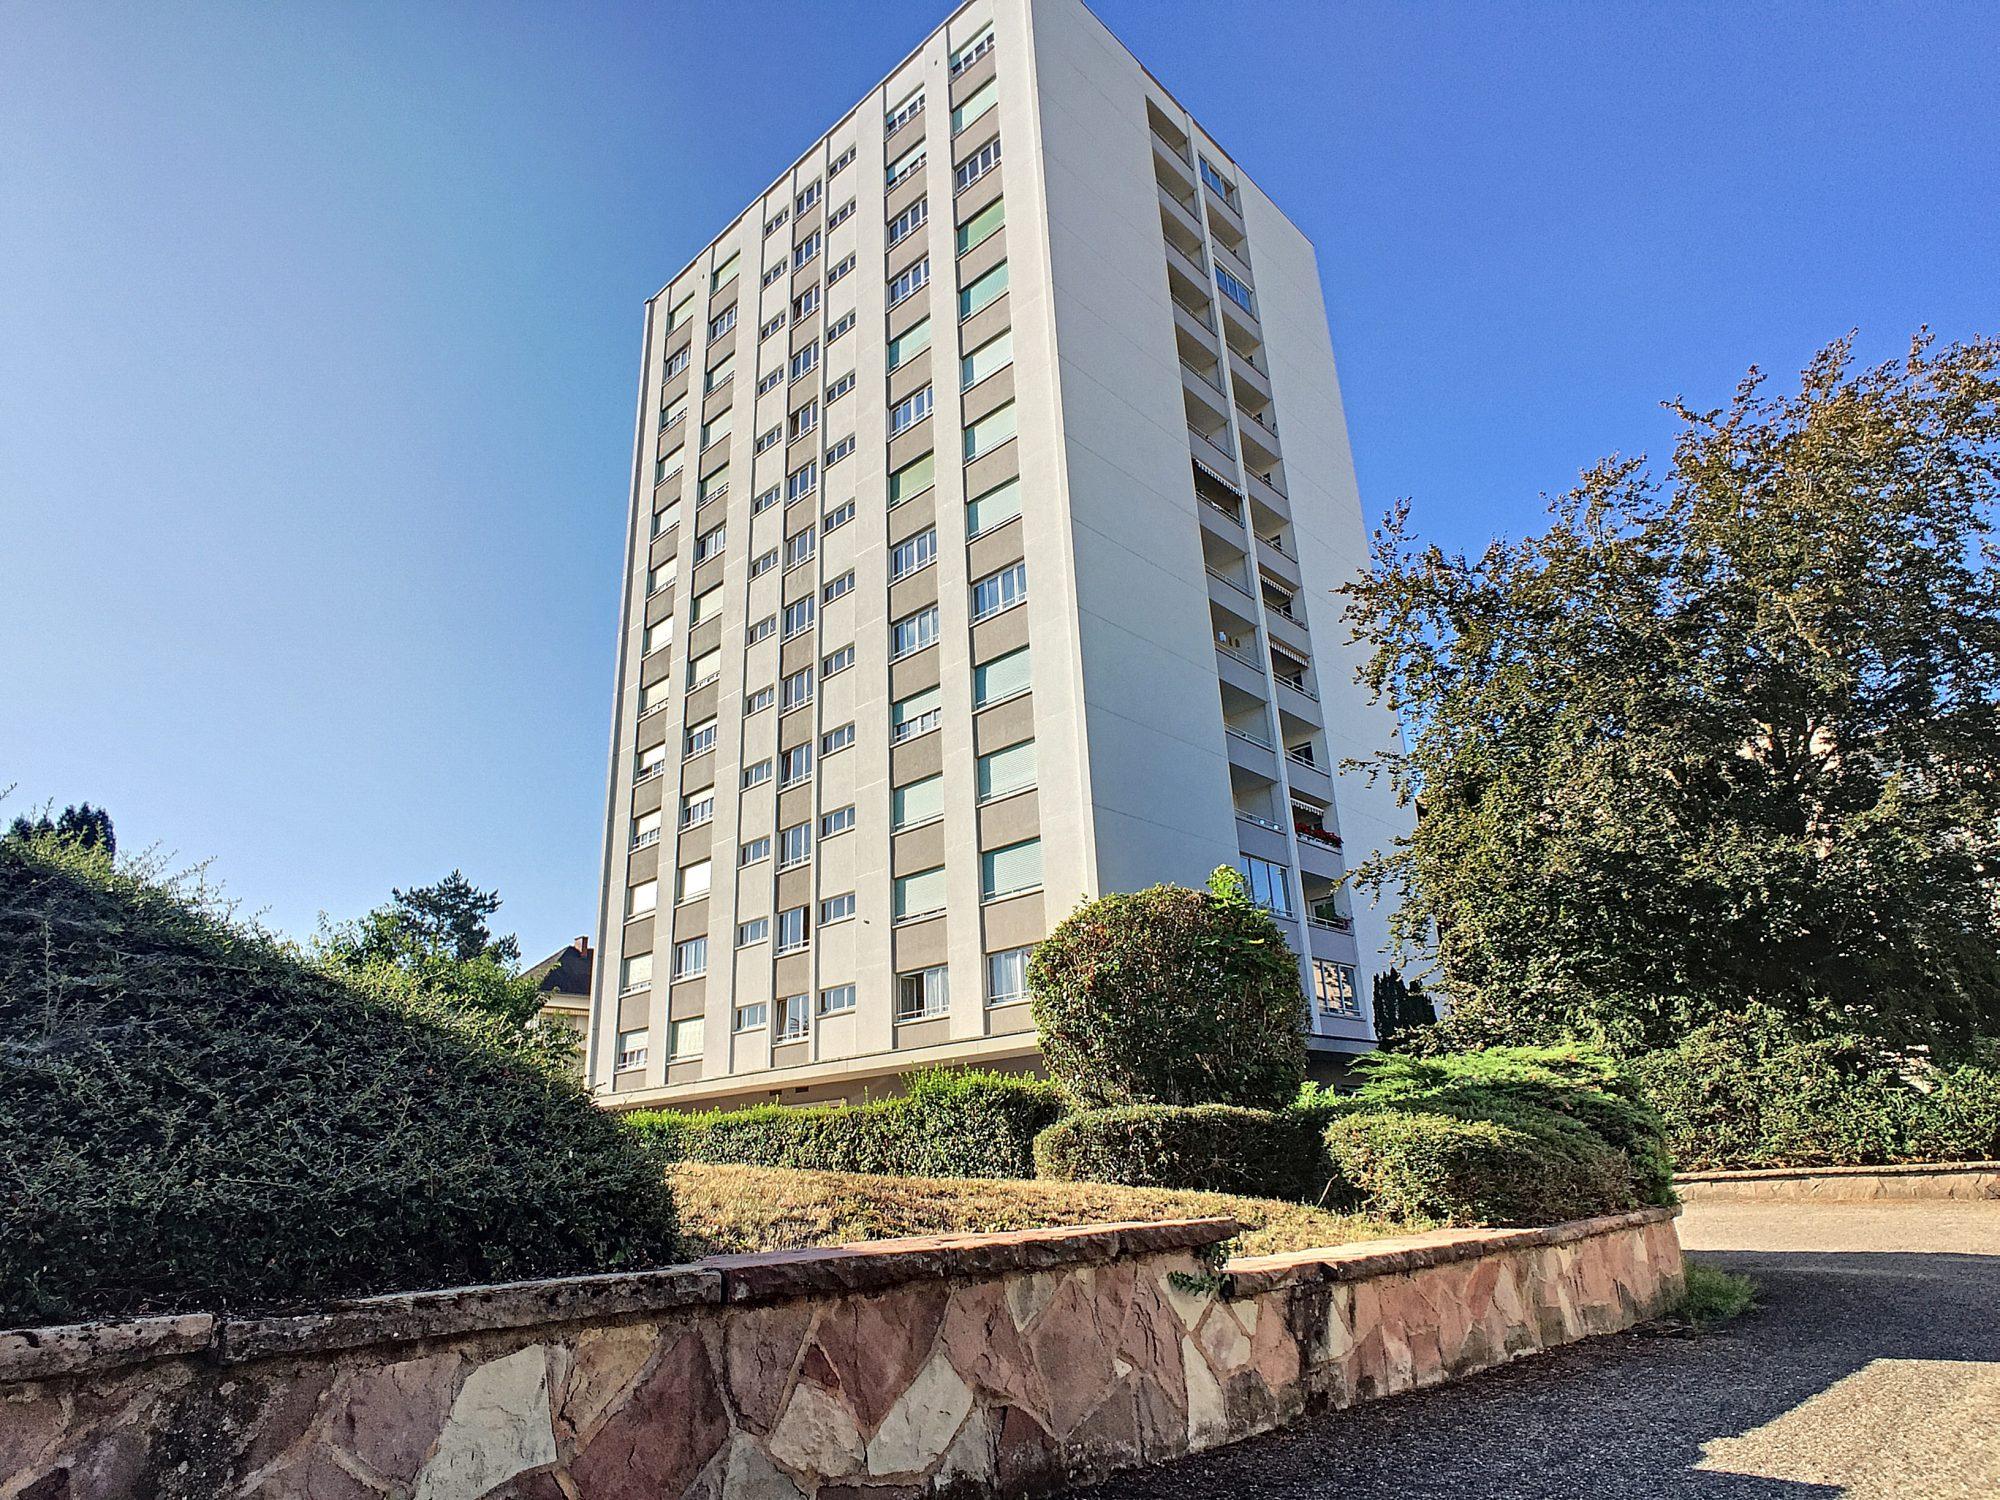 Meinau appartement 2 pièces de 71.77m² avec balcon et parking